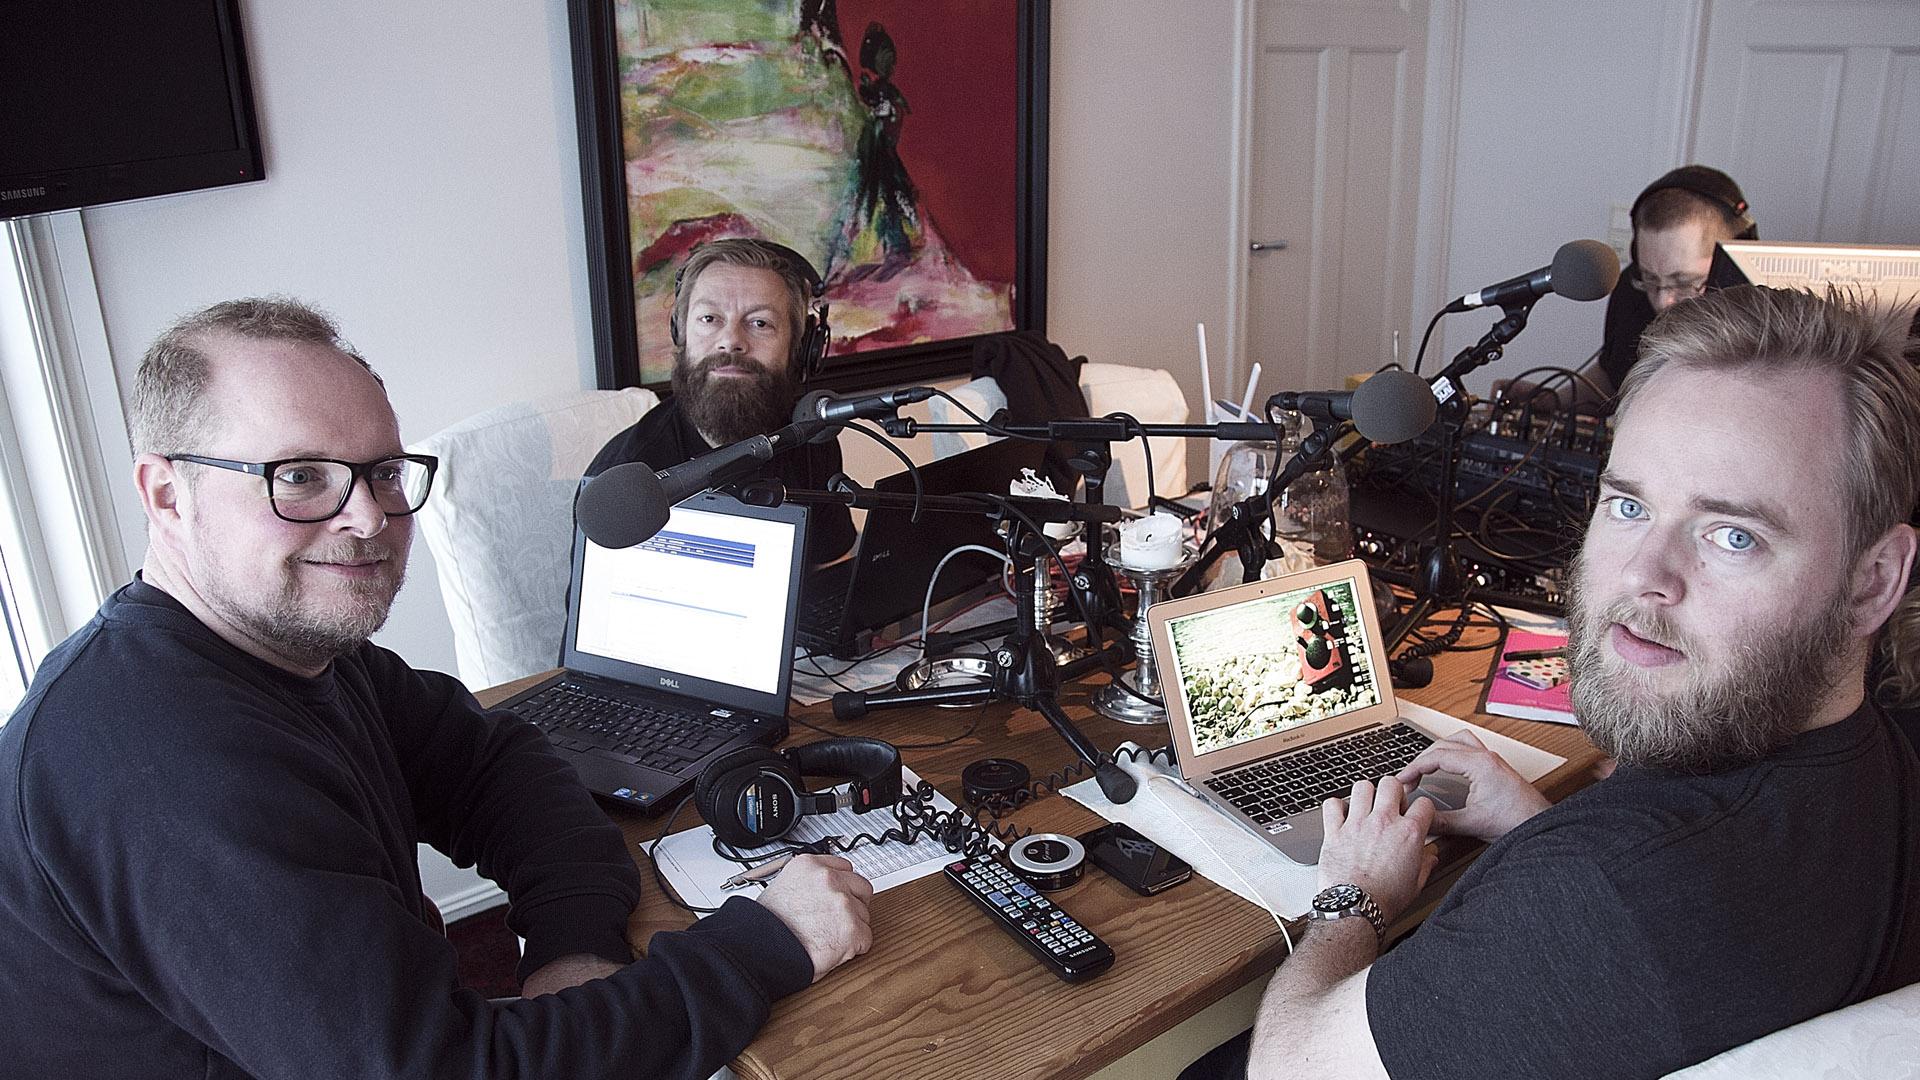 Radioresepsjonen gjør seg klare til sending på kjøkkenet til William Brendeford i Sandnes (Foto: Jonas Bødtker, NRK P3).